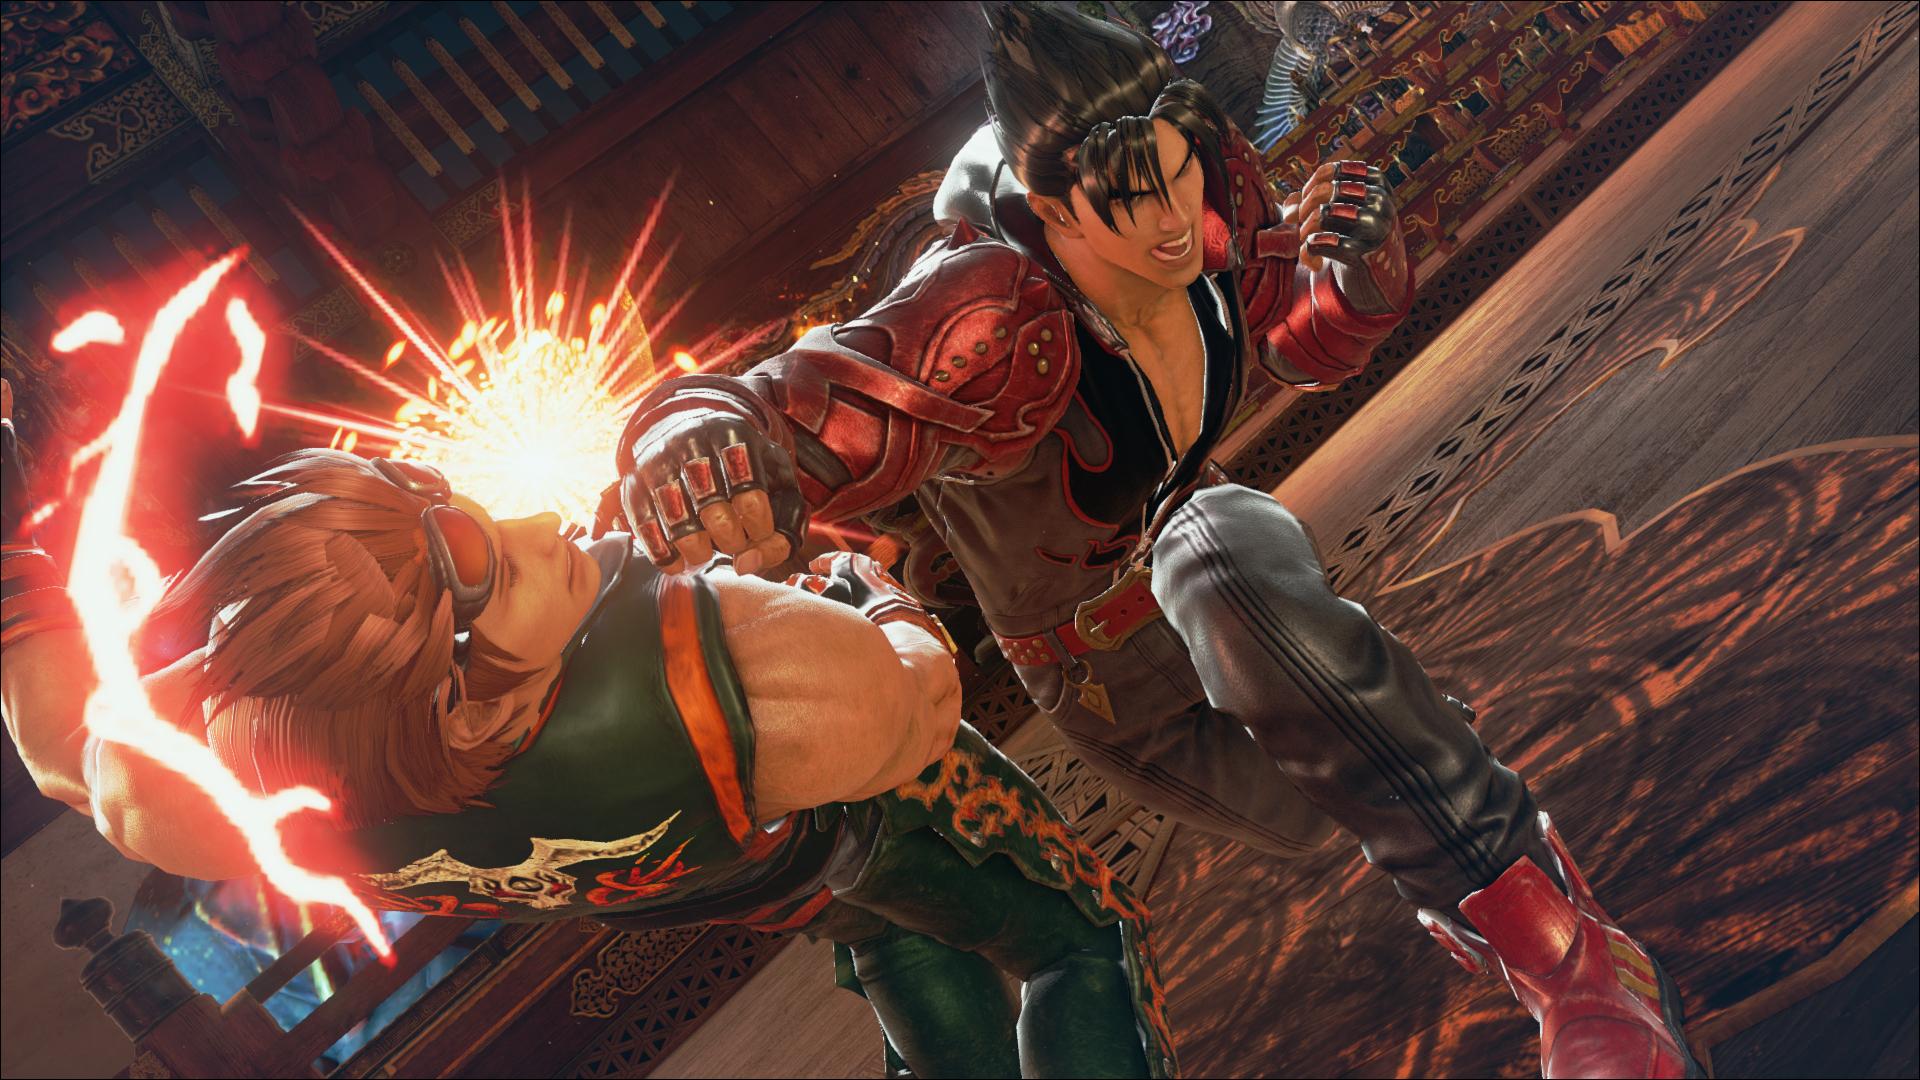 Картинка героя из игры